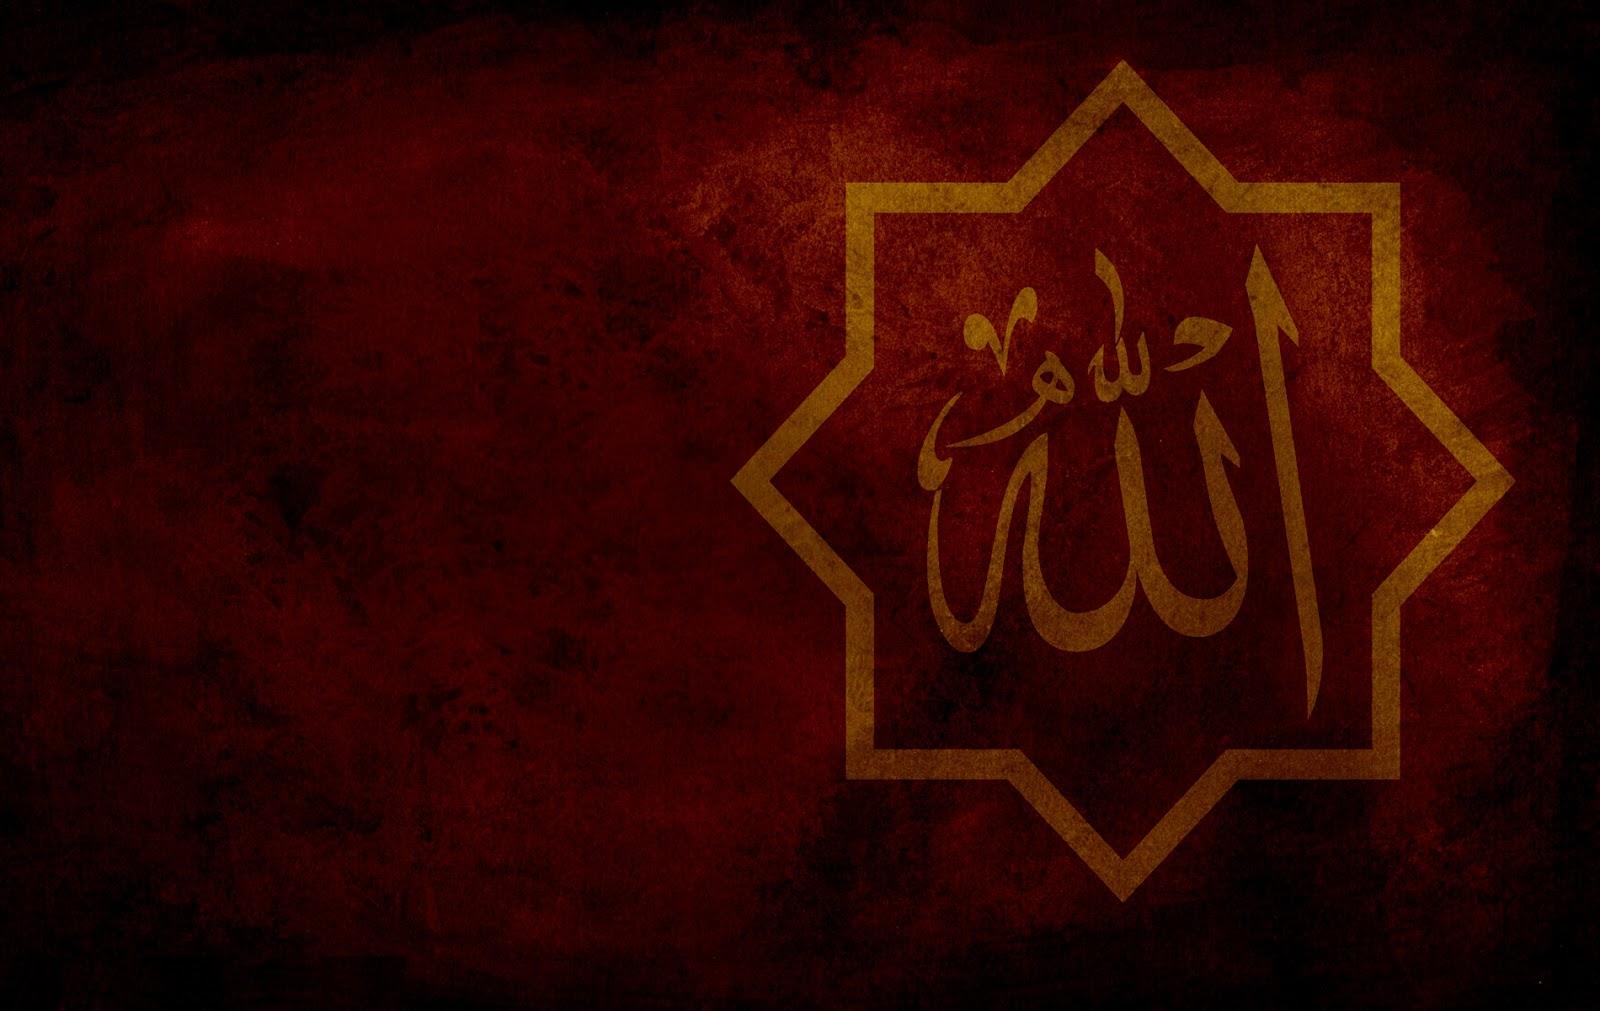 Lord Allah HD Wallpapers God wallpaper hd 1600x1011